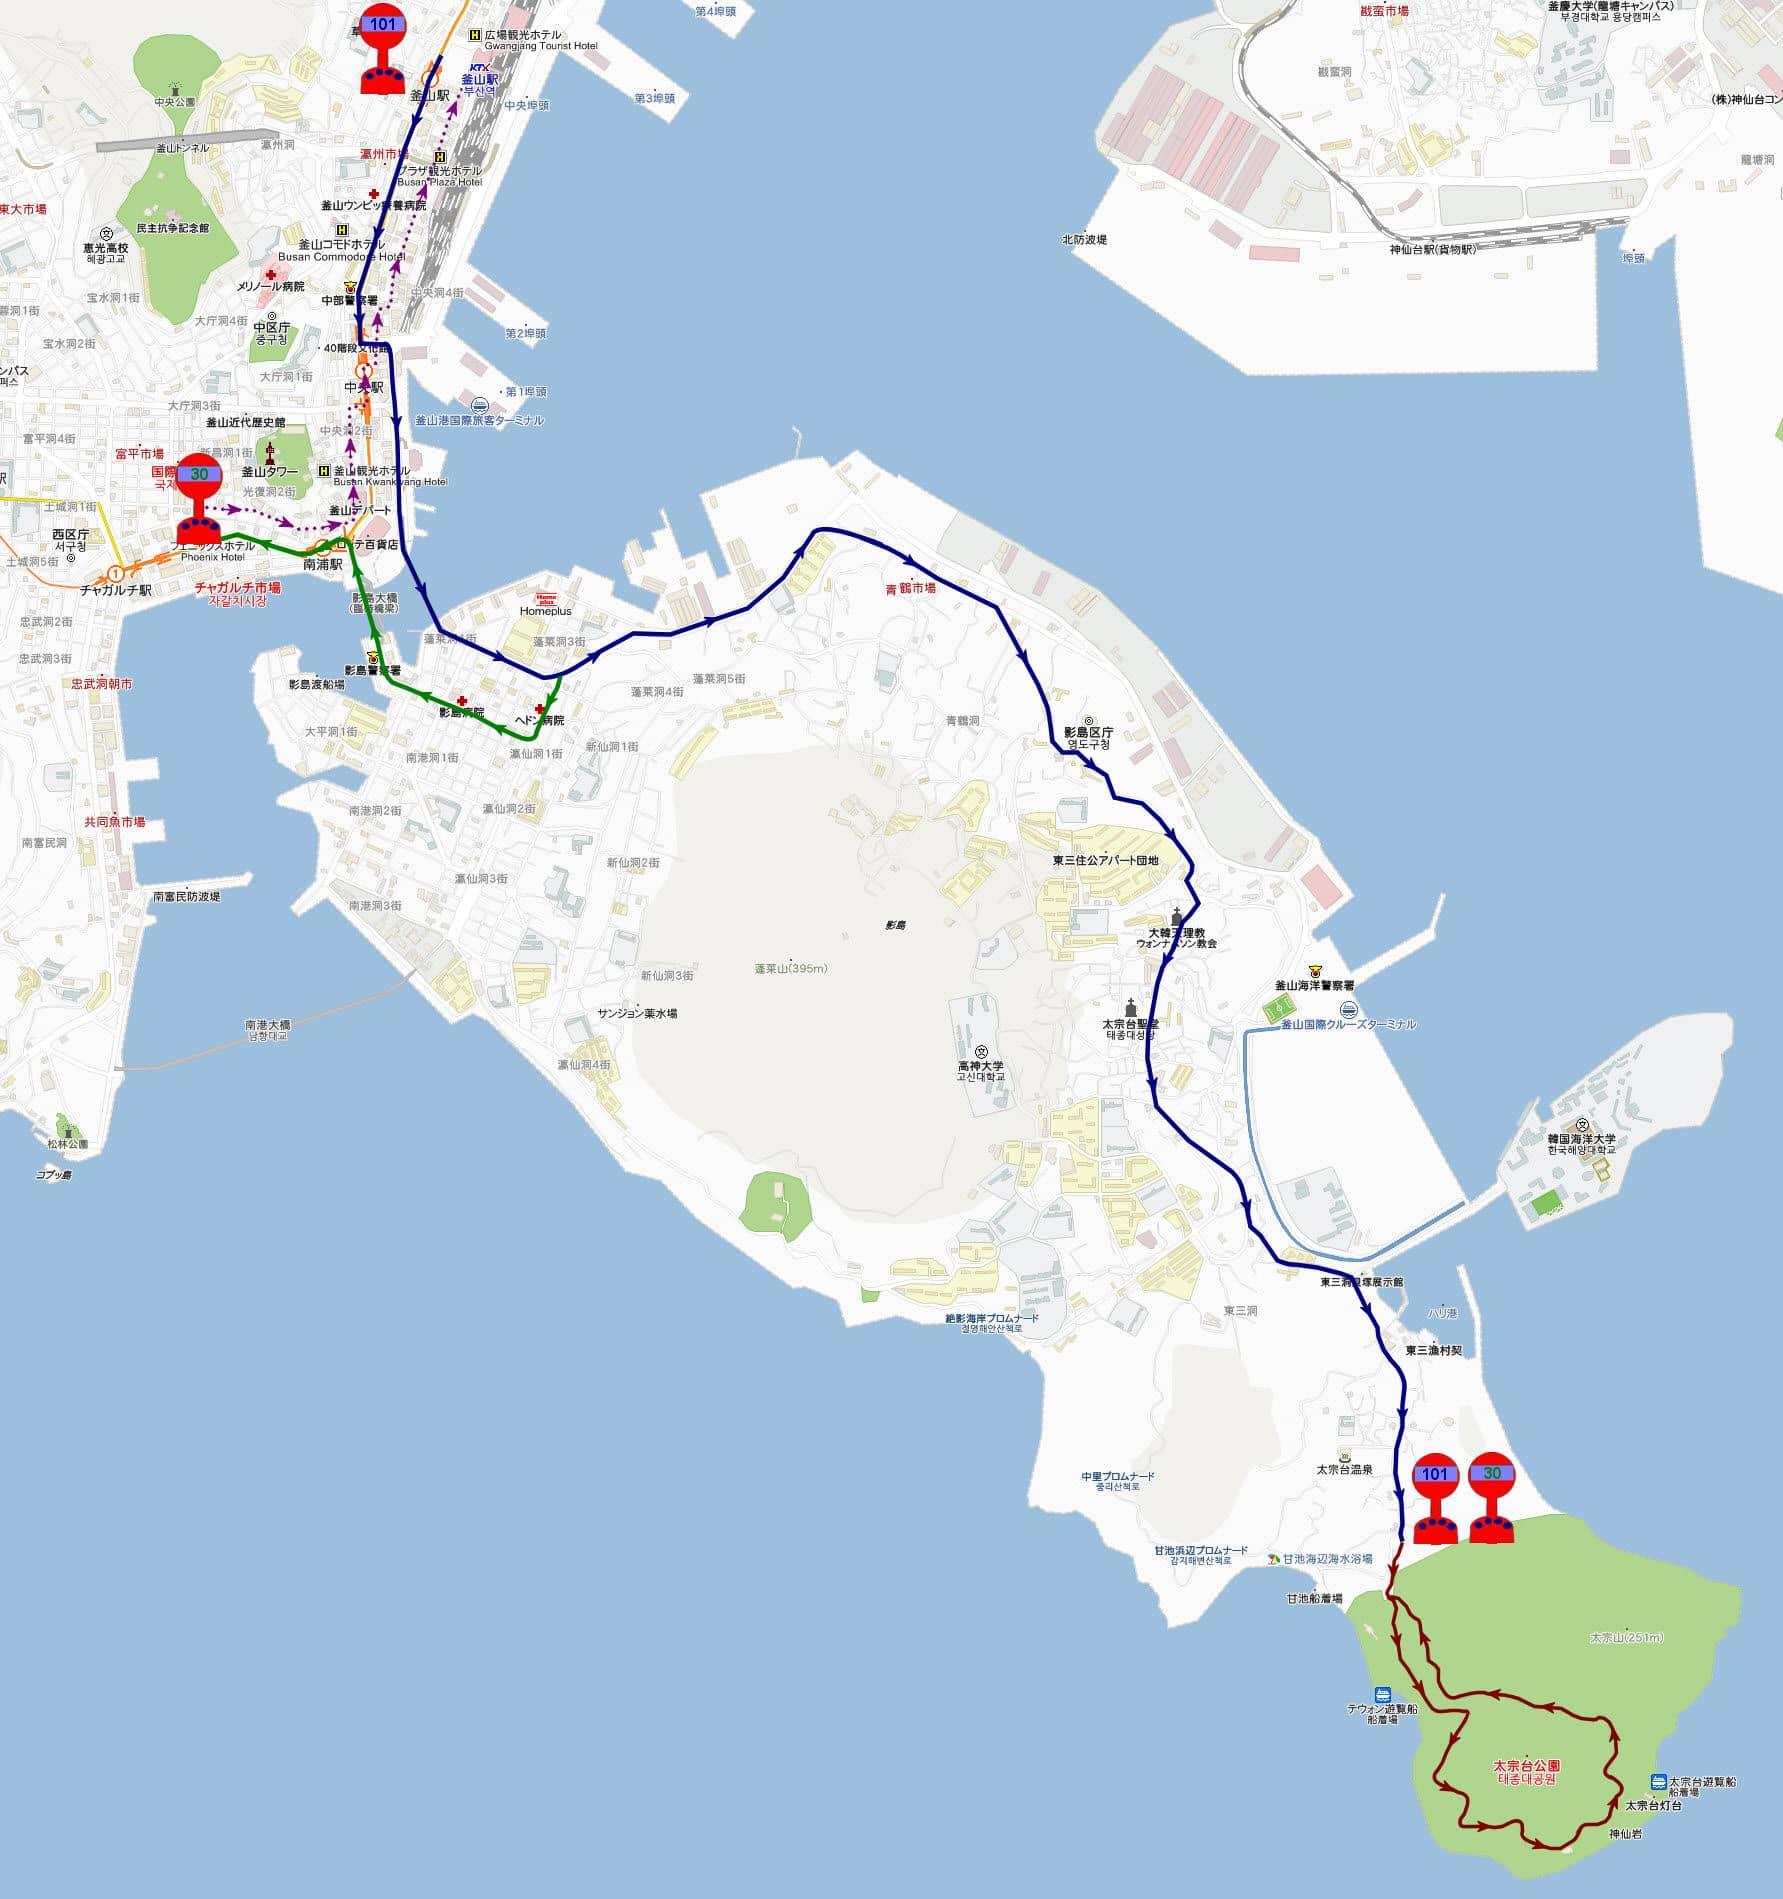 釜山太宗臺遊園地、南浦洞遊覽路線地圖